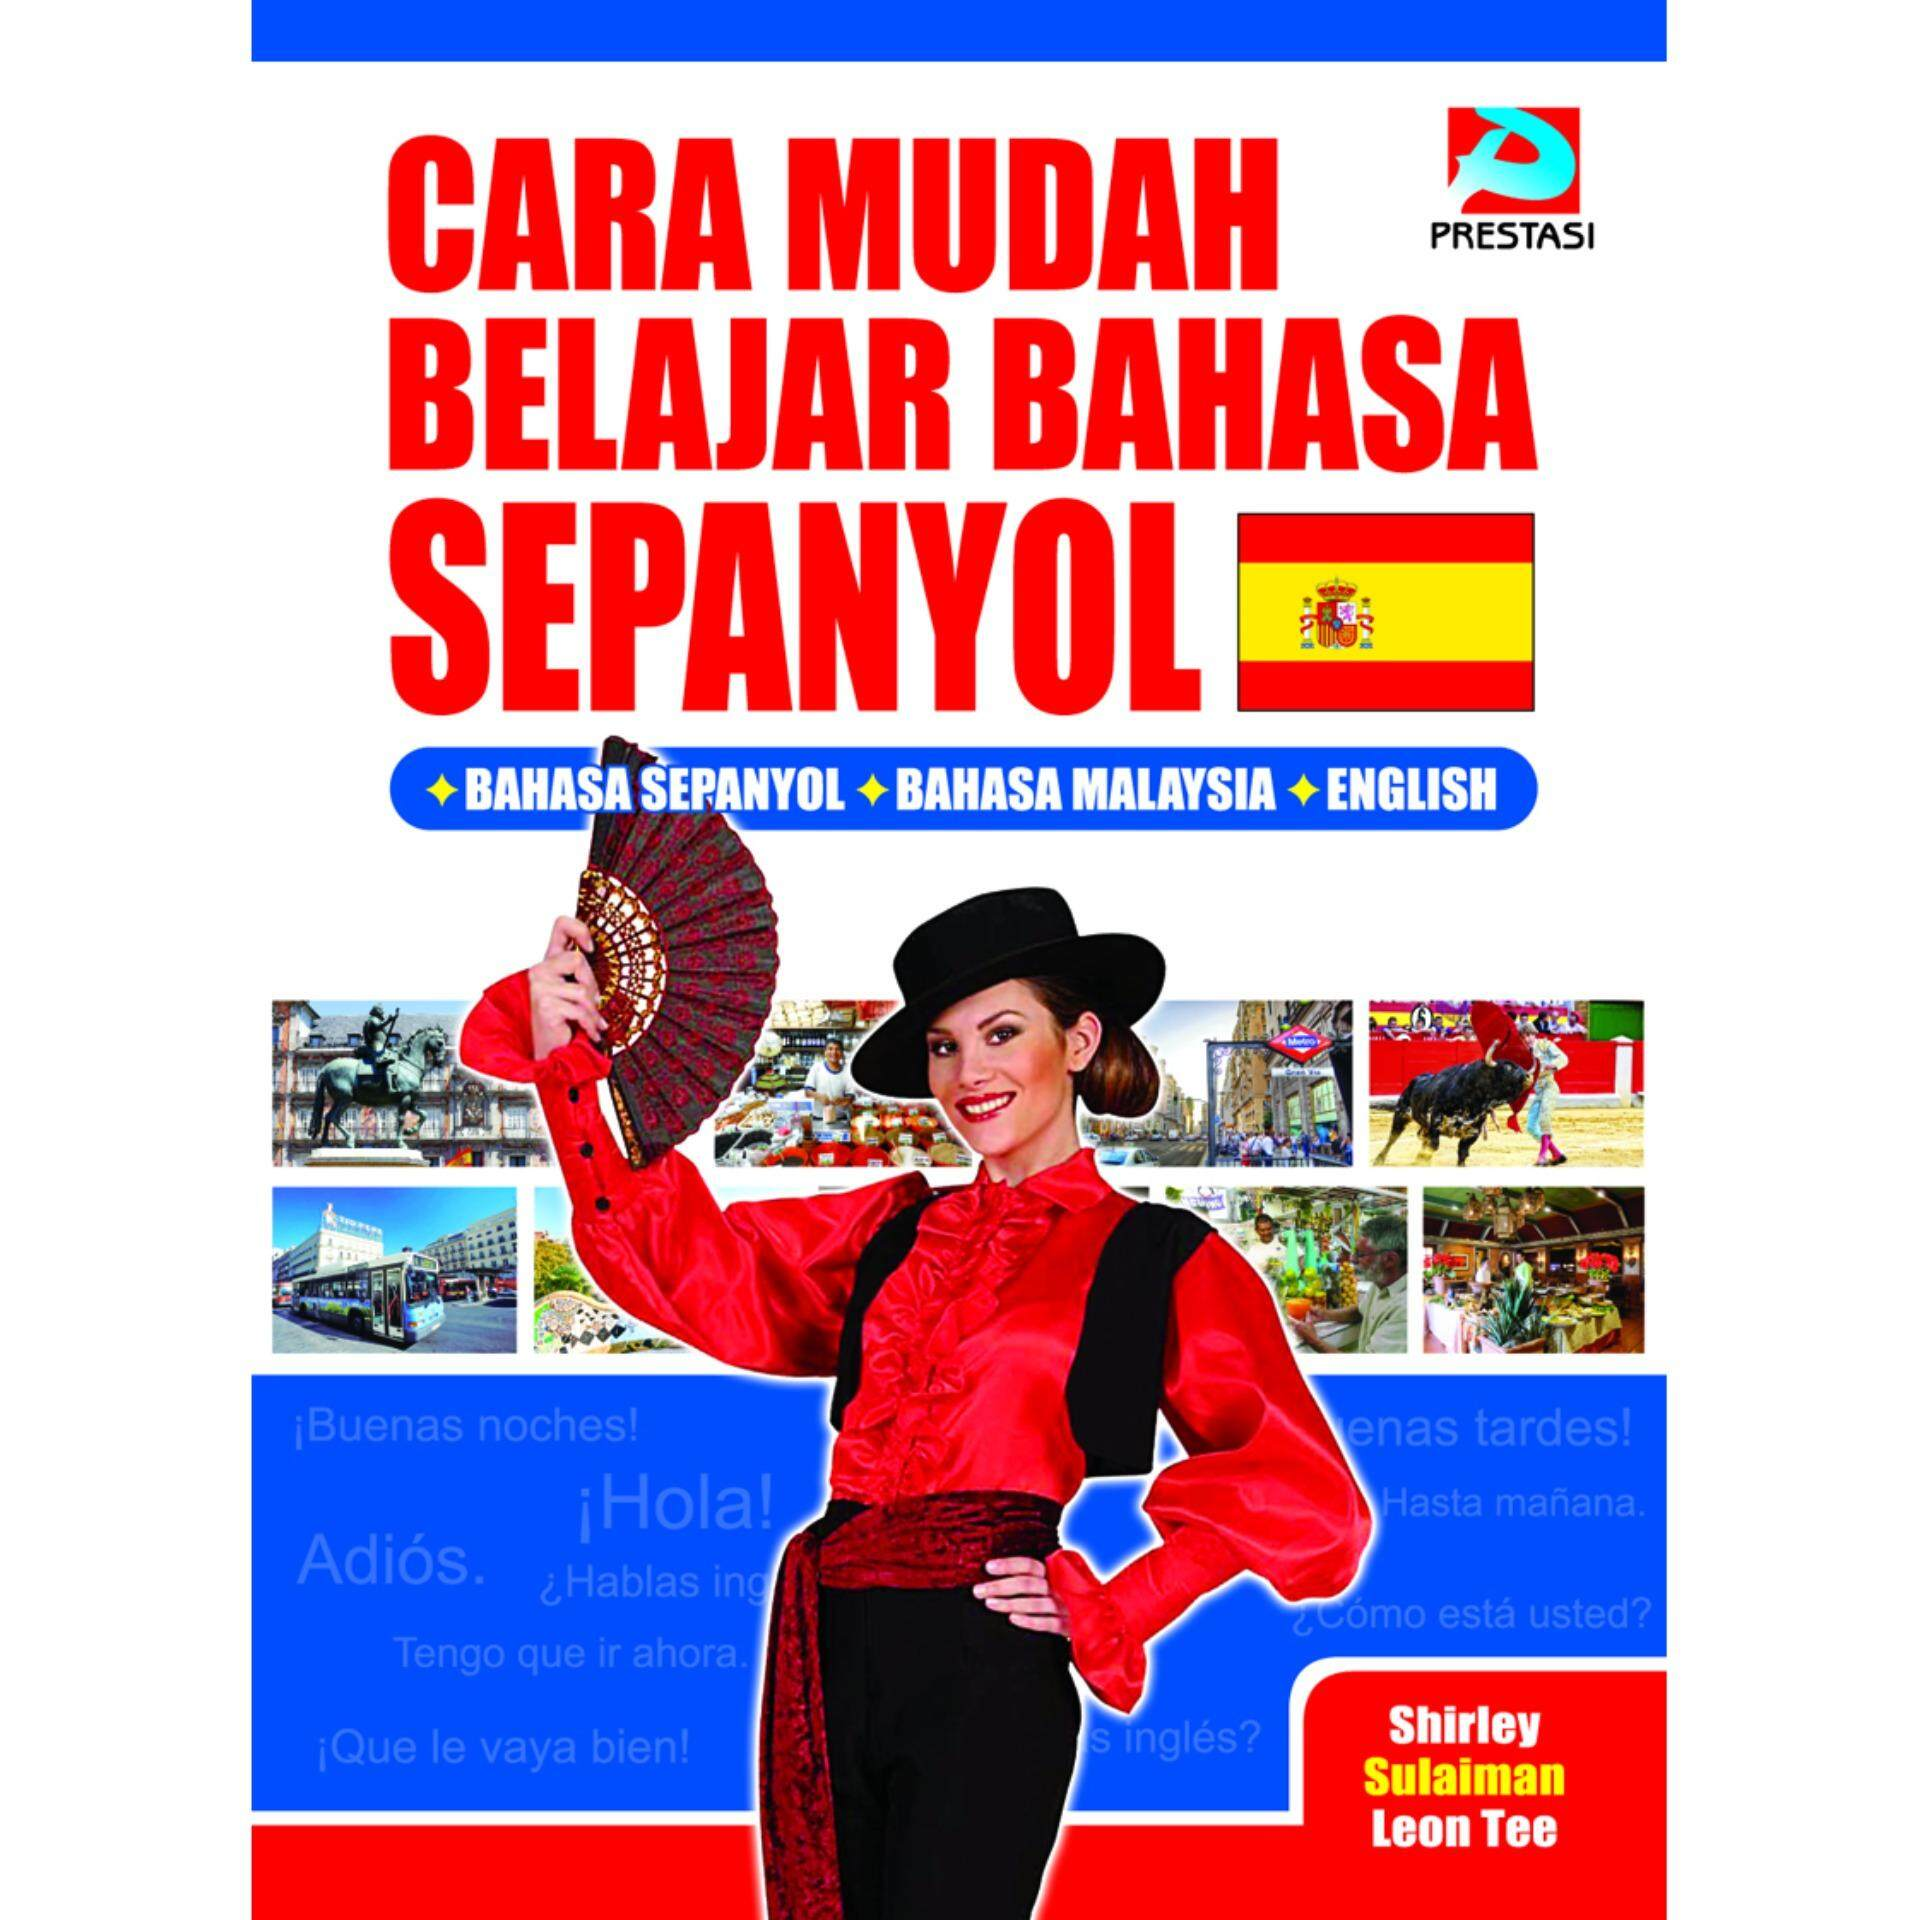 Cara Mudah Belajar Bahasa Sepanyol